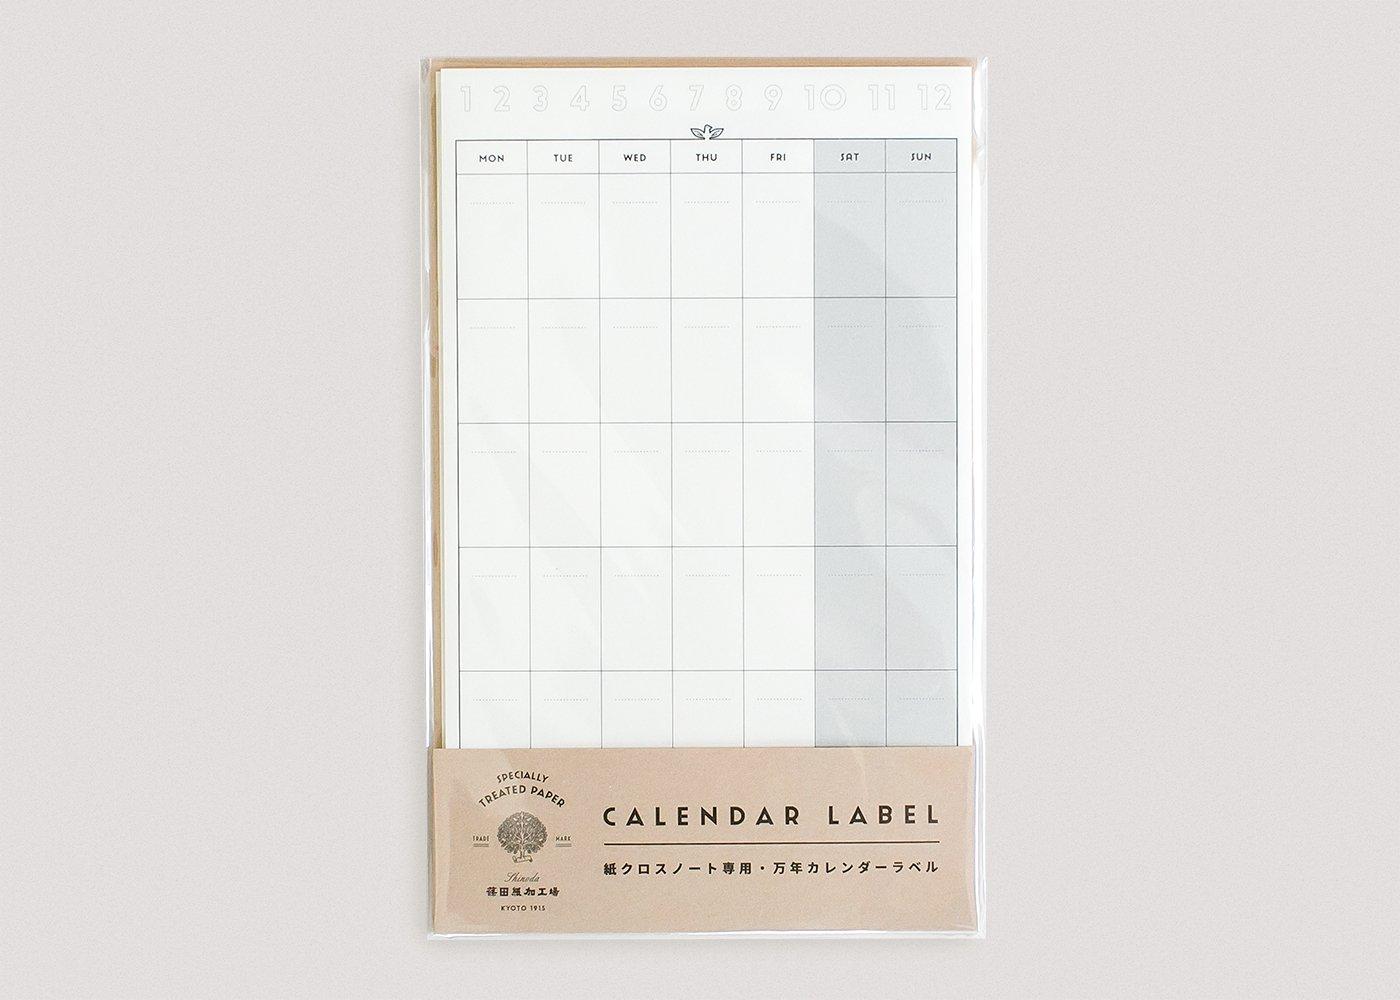 カレンダーラベル